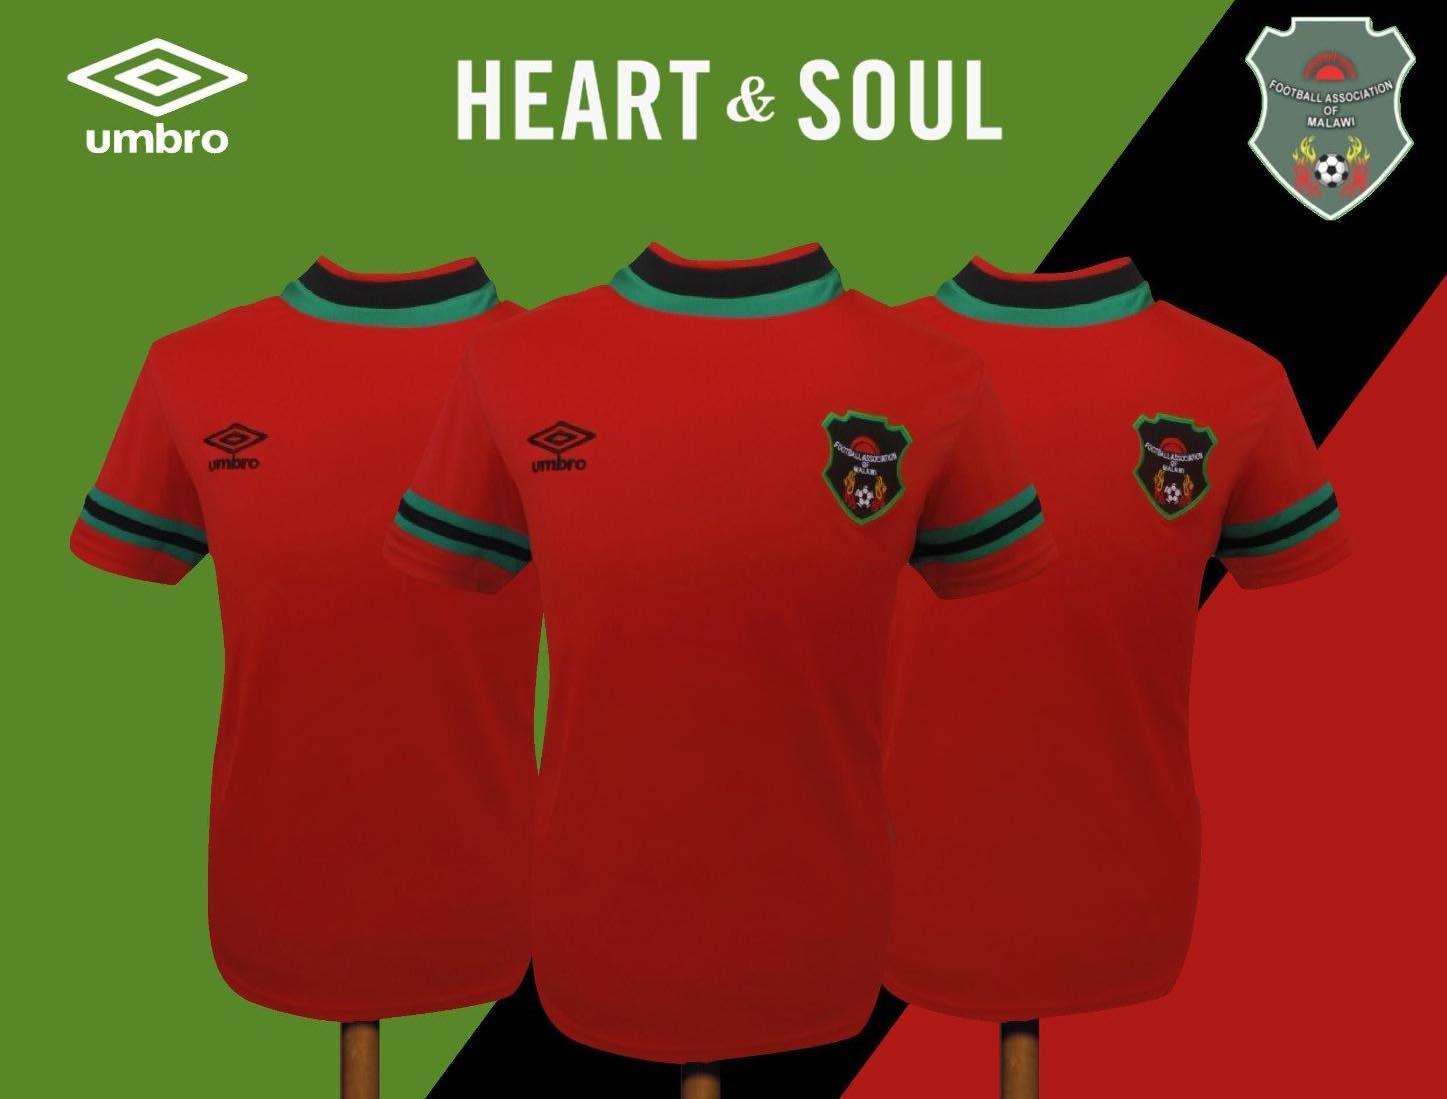 523d72d7a5 Umbro é a nova fornecedora de uniformes da seleção de Malawi - Show ...